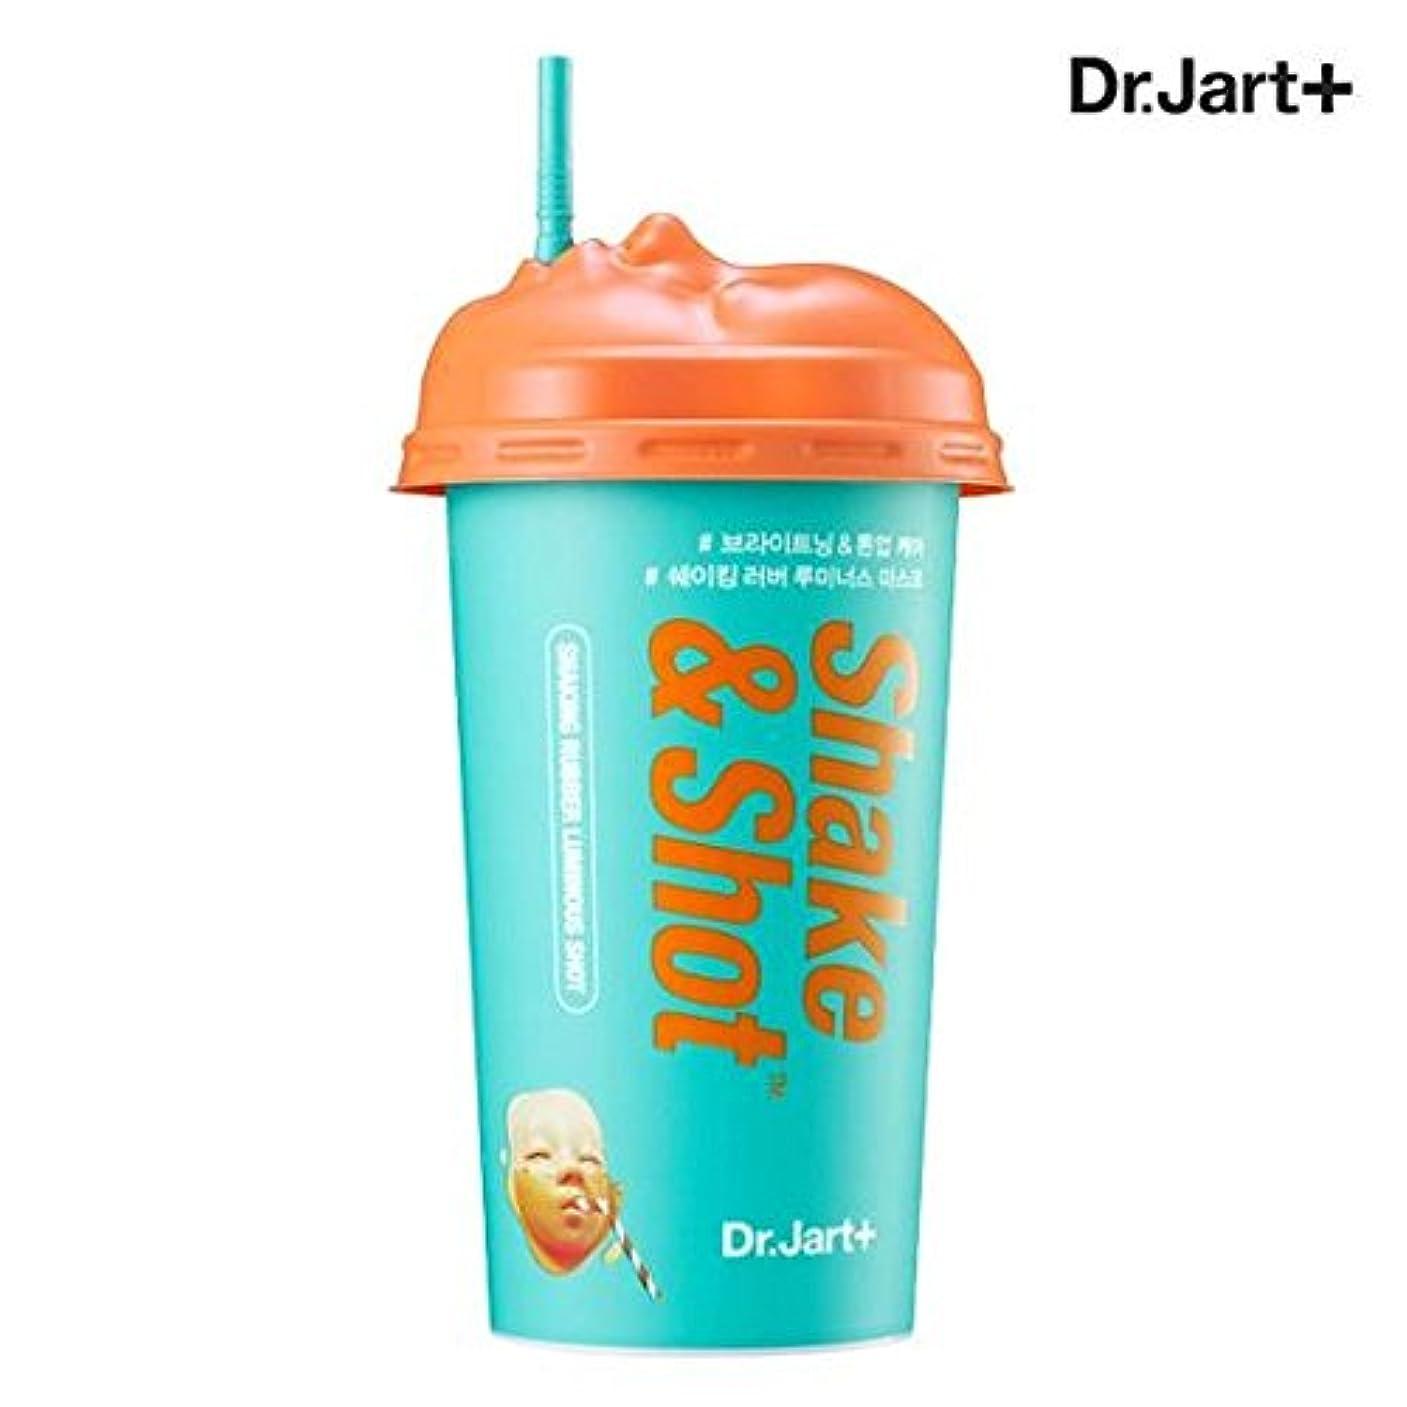 ライドワット入札Dr. Jart + Shaking Rubber Shake & Shot Luminous Shot 50g/It Will Be Shipped With Tracking Number